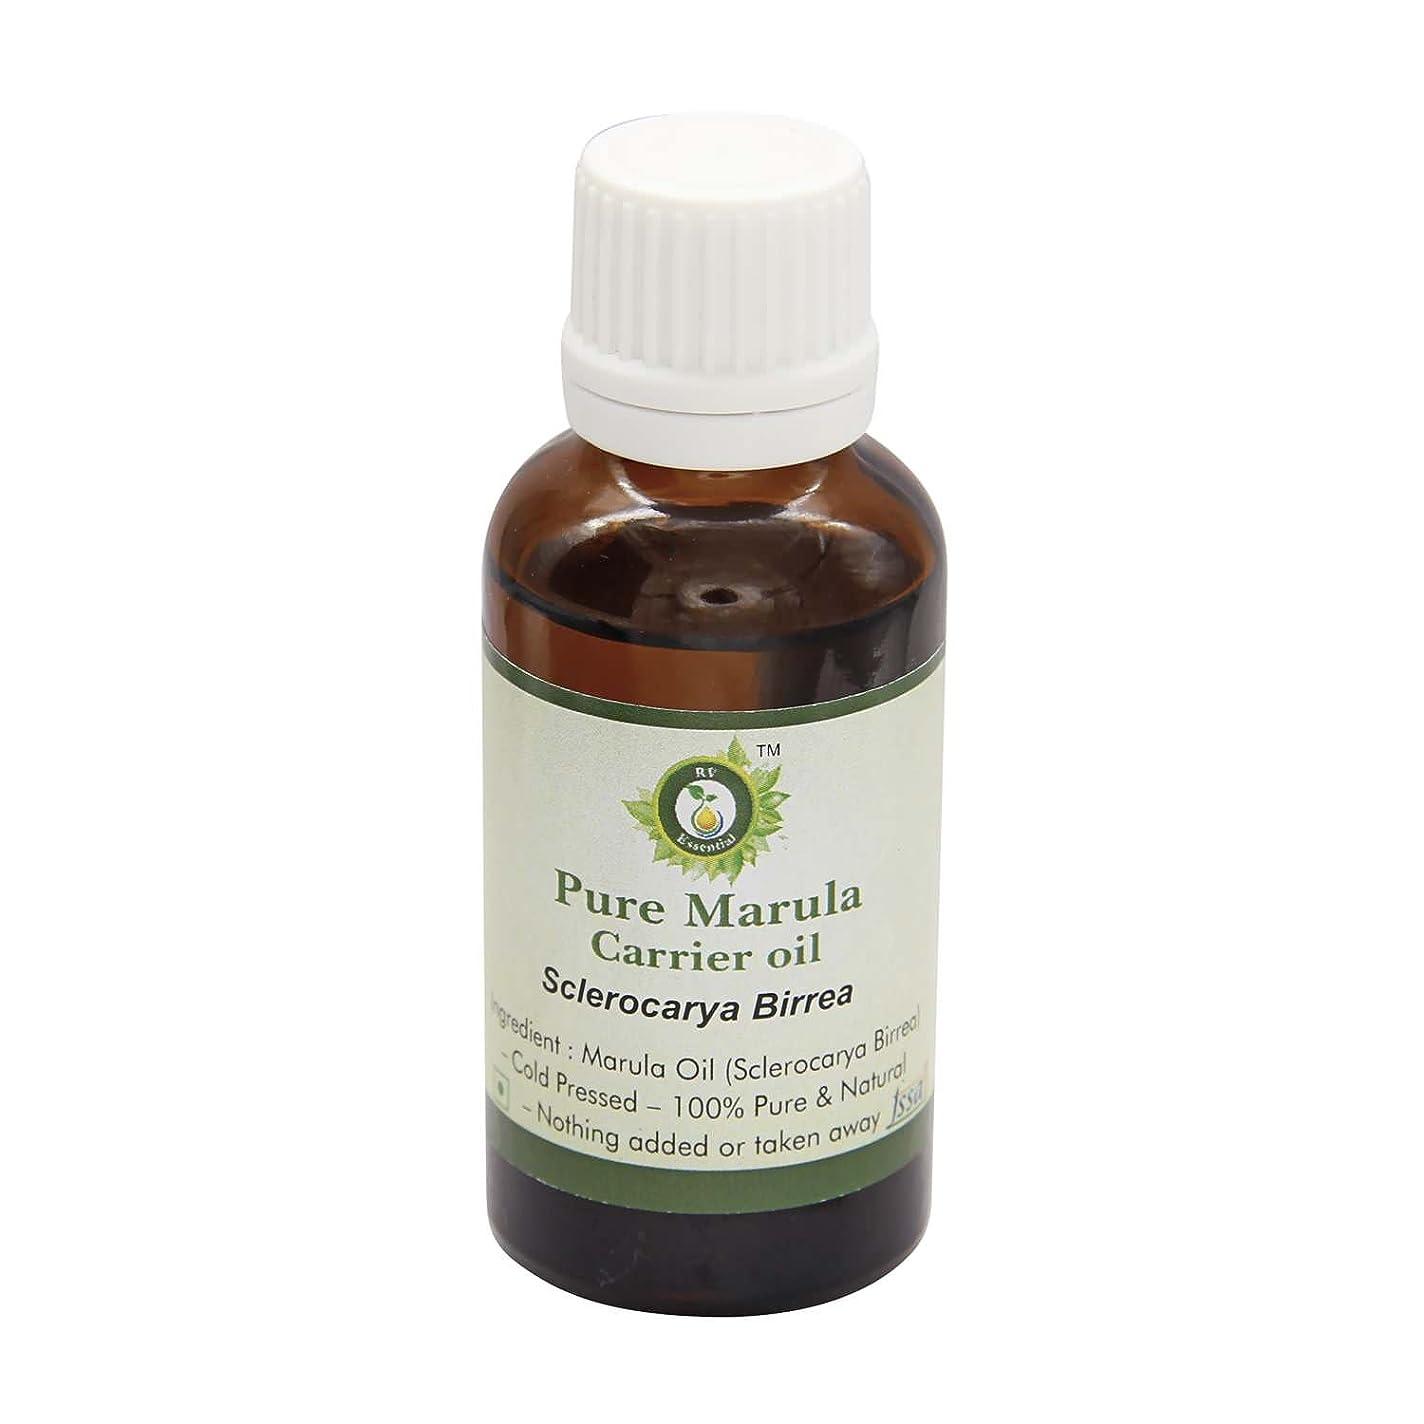 最大限減る有名R V Essential 純粋なMarulaキャリアオイル100ml (3.38oz)- Sclerocarya Birrea (100%ピュア&ナチュラルコールドPressed) Pure Marula Carrier Oil